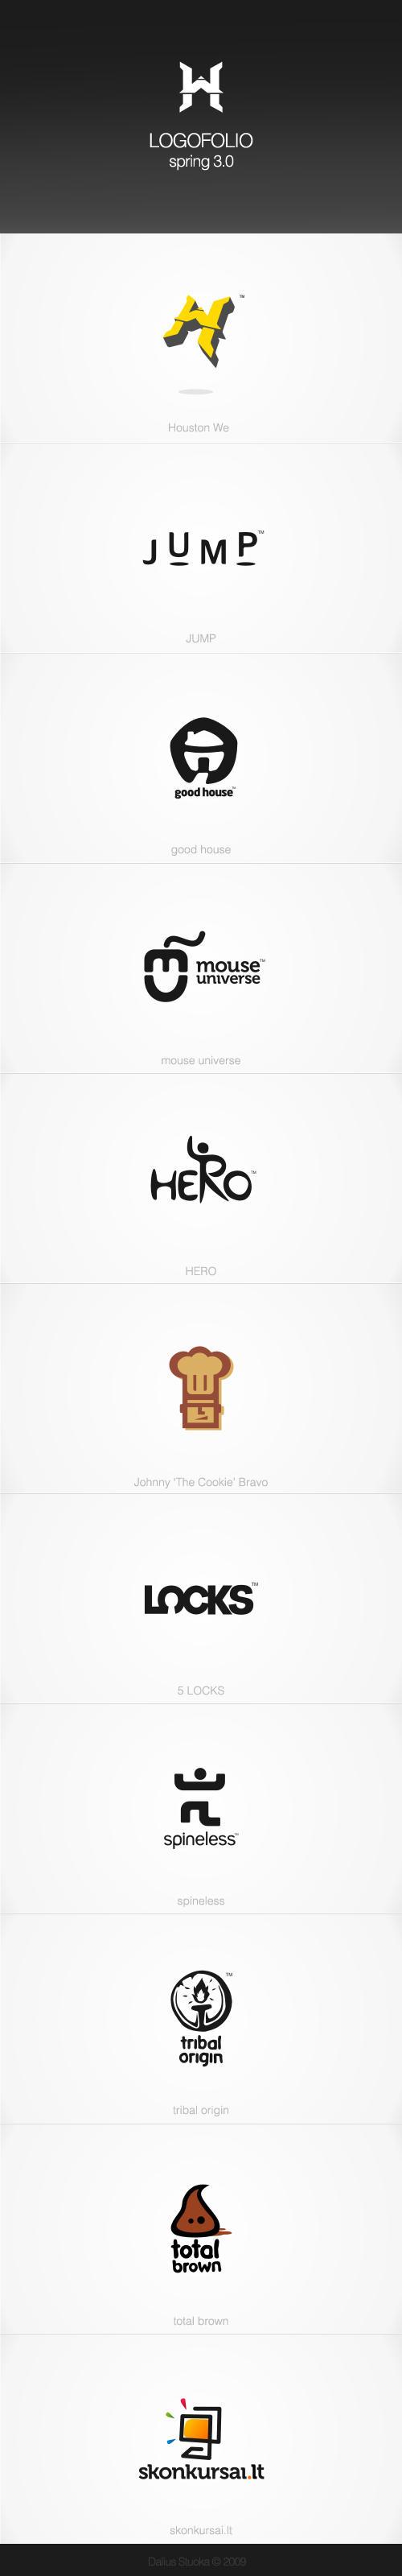 Logofolio Spring 3.0 by kntz